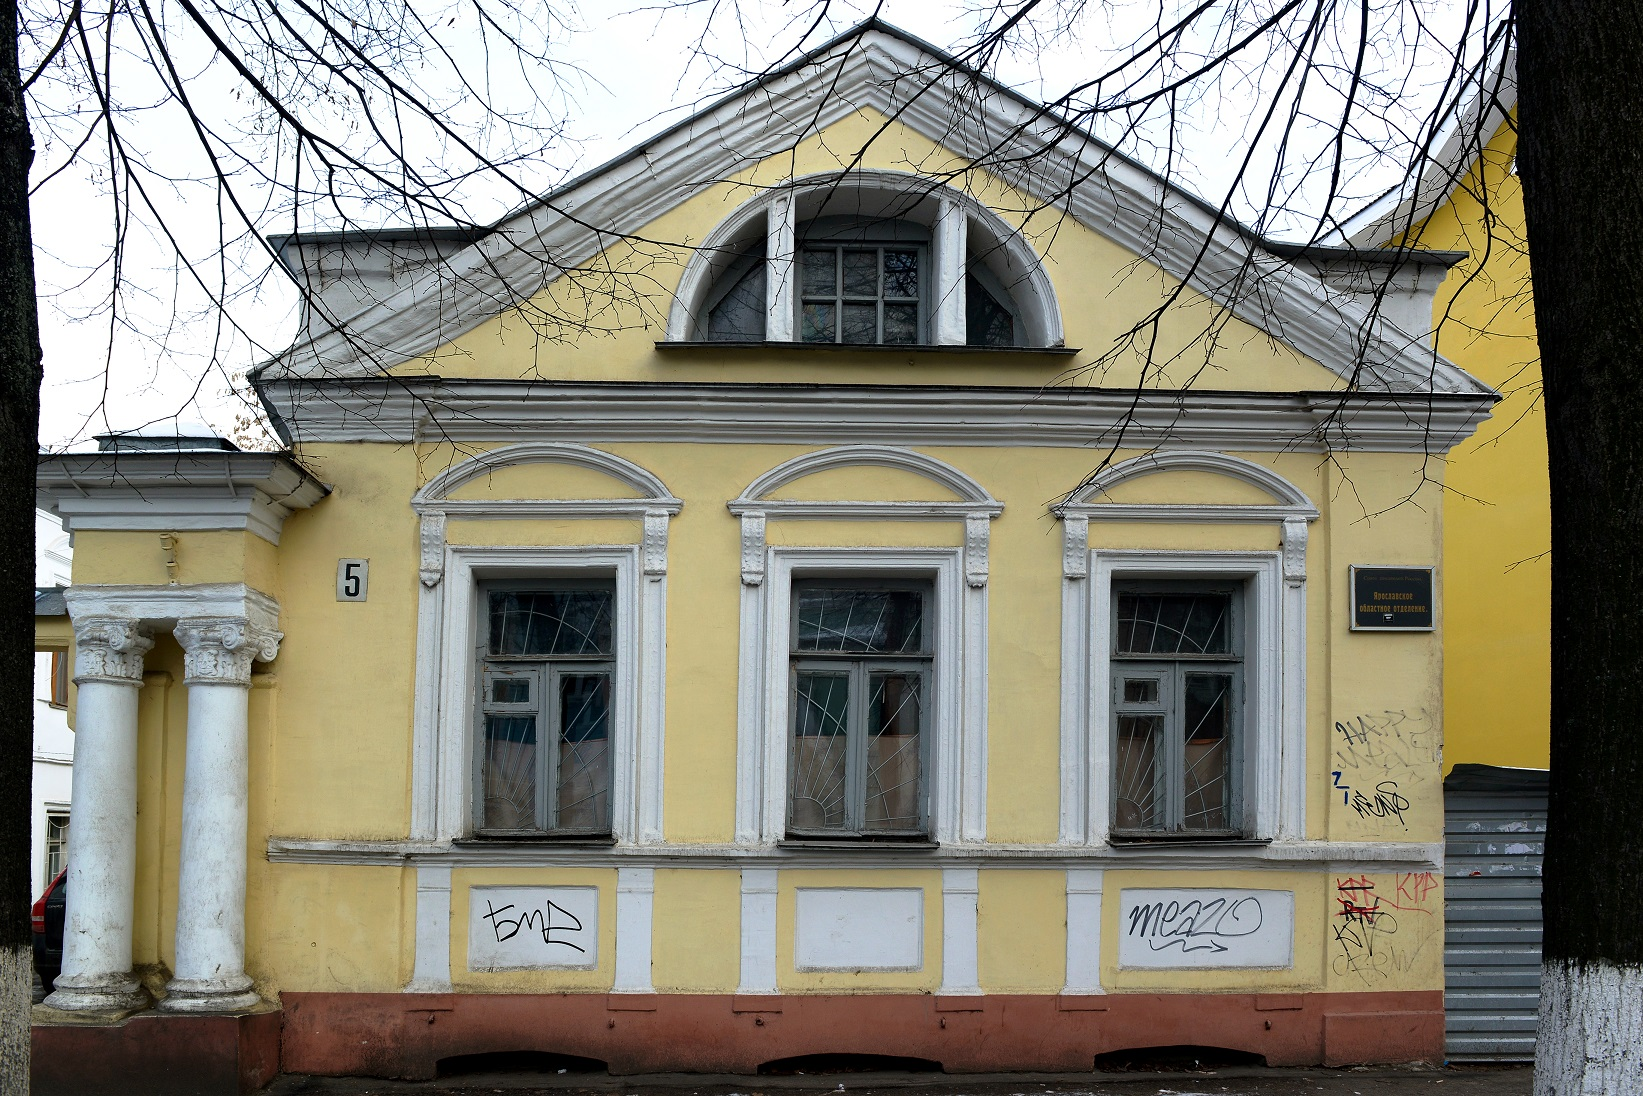 Писателей оставили без дома, а политической партии предоставили помещение в 126 кв. метров